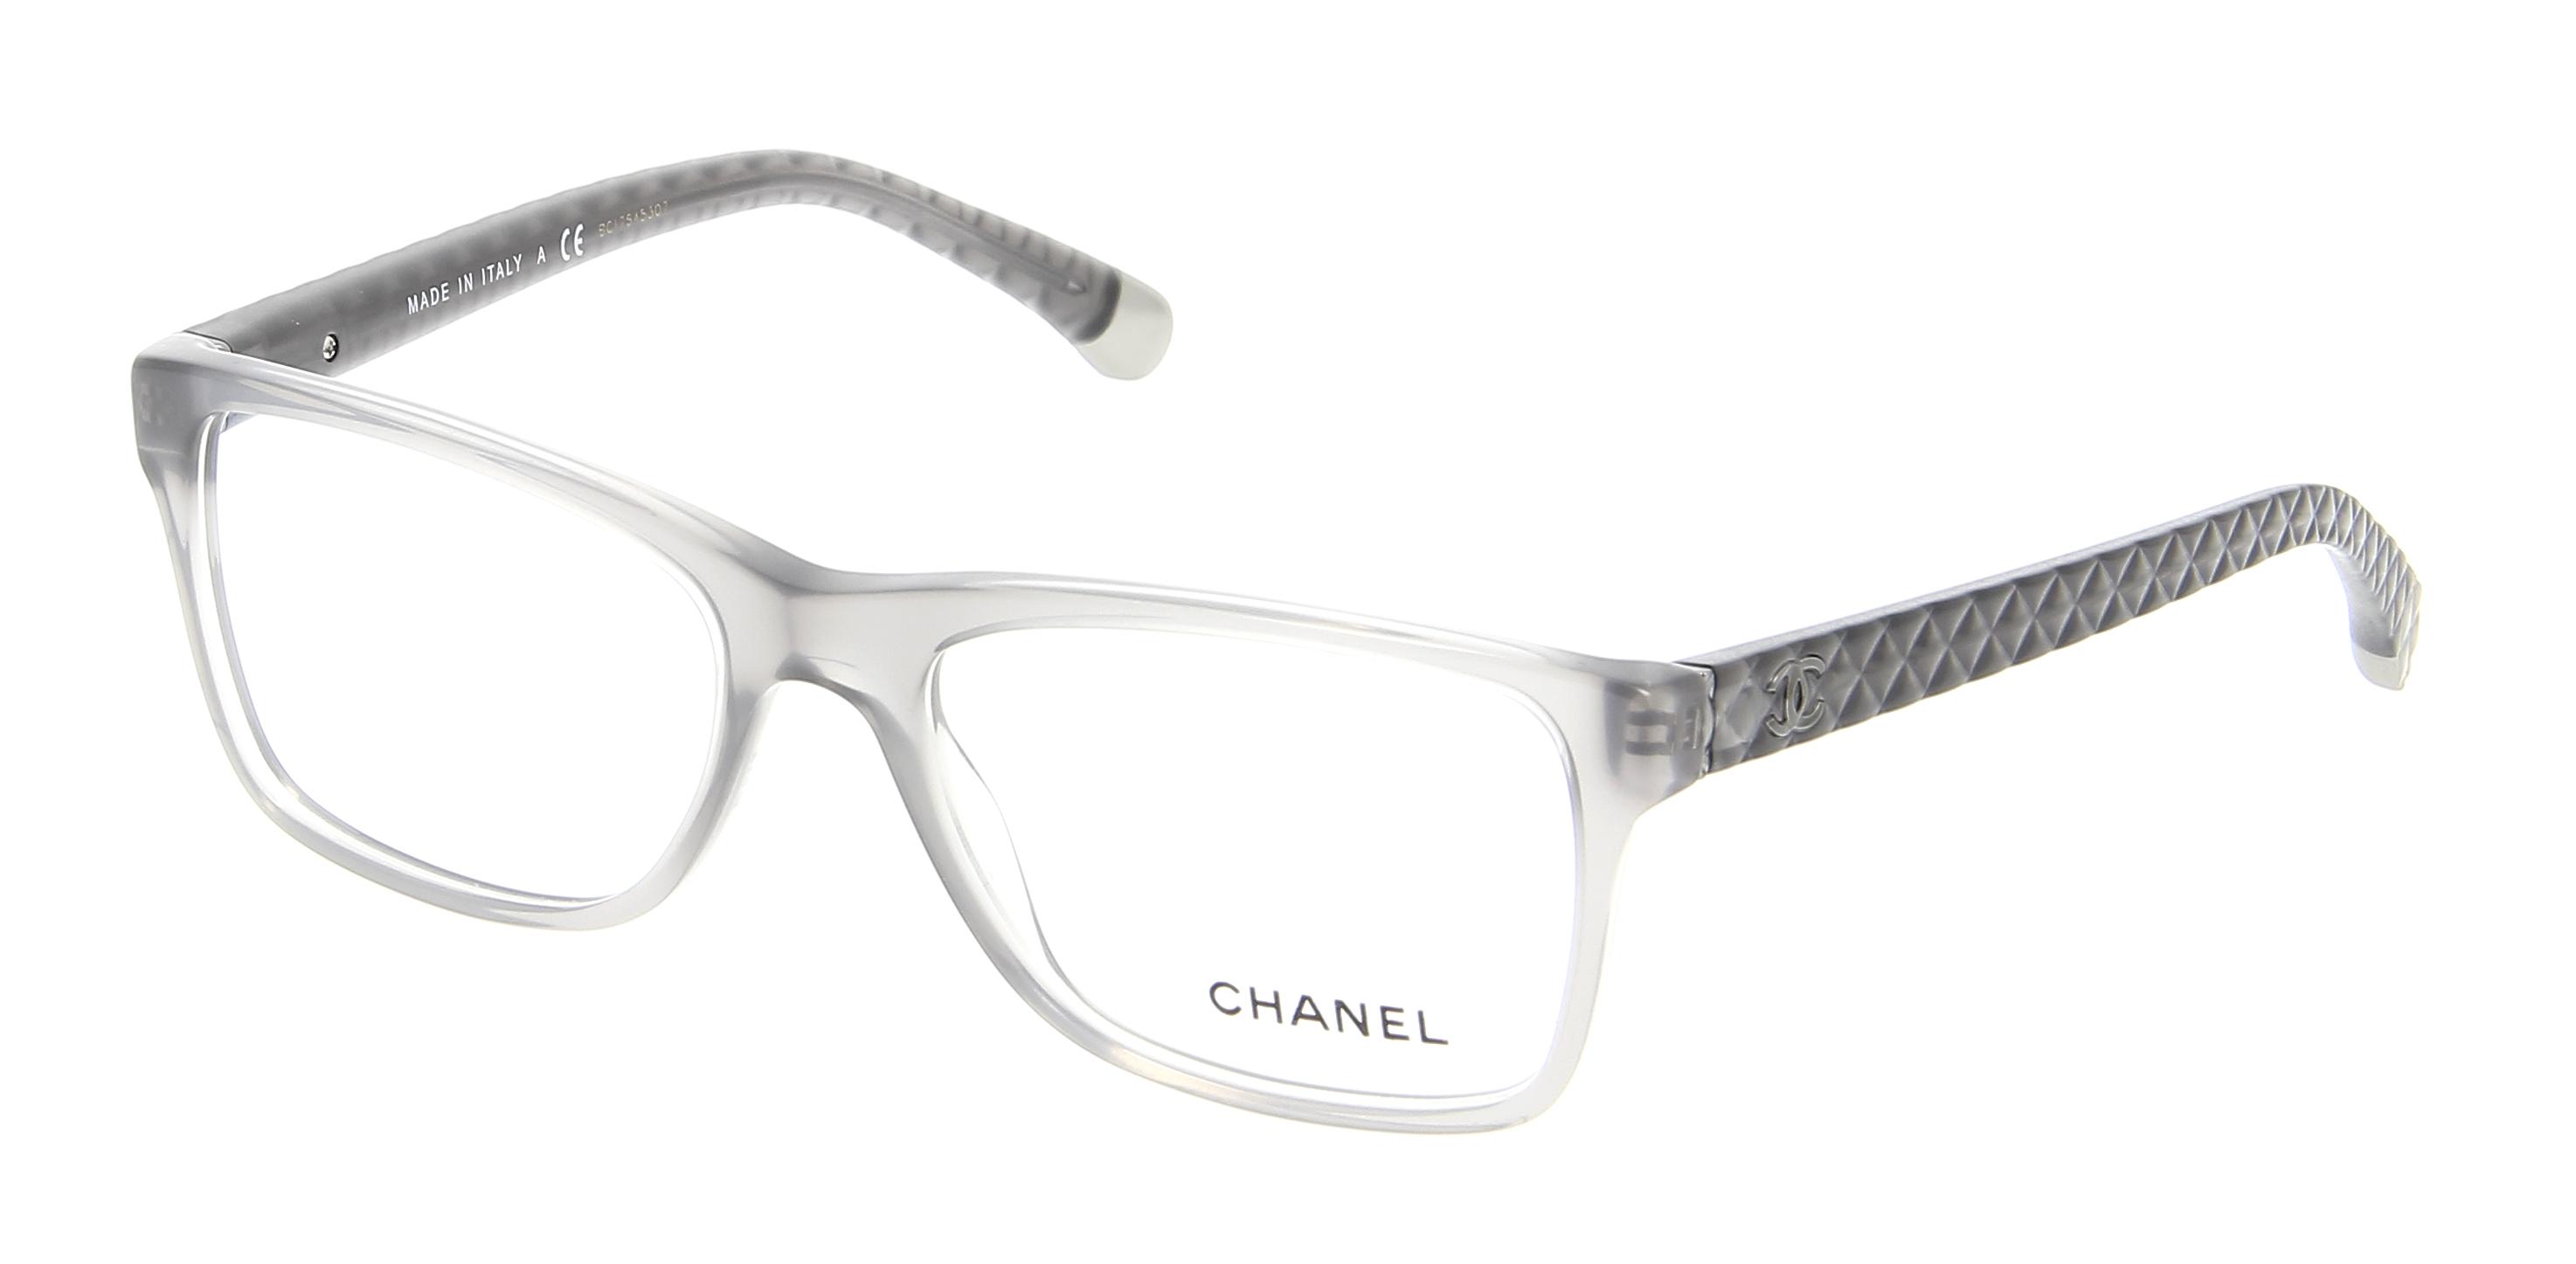 lunettes de vue femme chanel. Black Bedroom Furniture Sets. Home Design Ideas